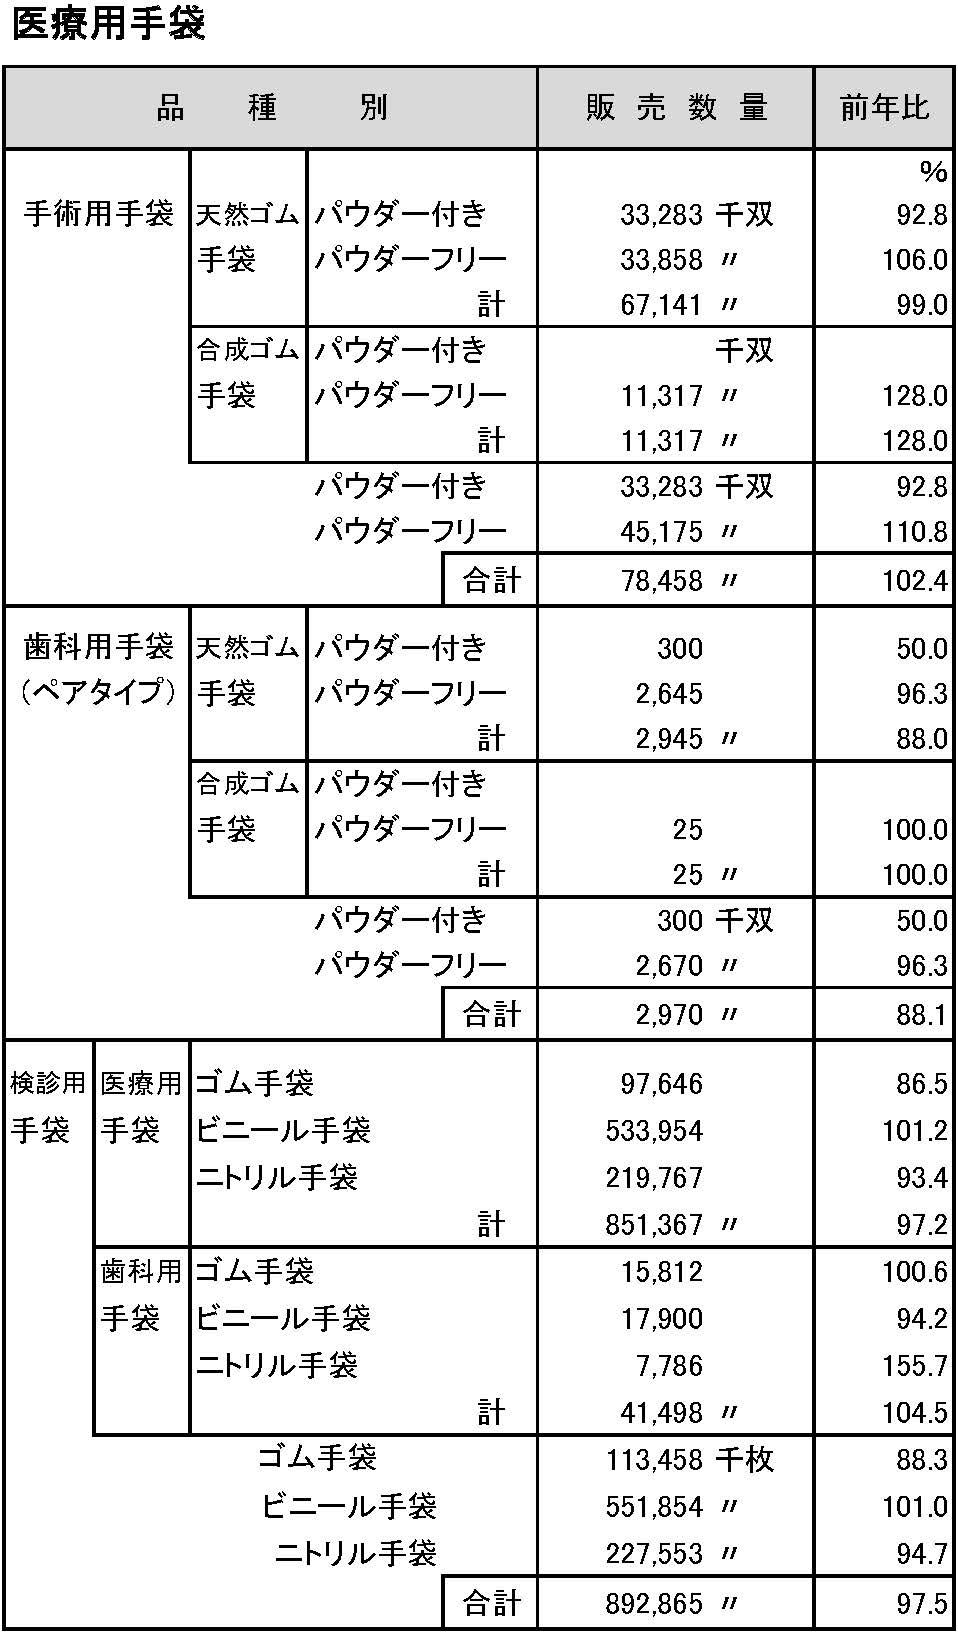 2014年手袋市場規模調査(医療用)